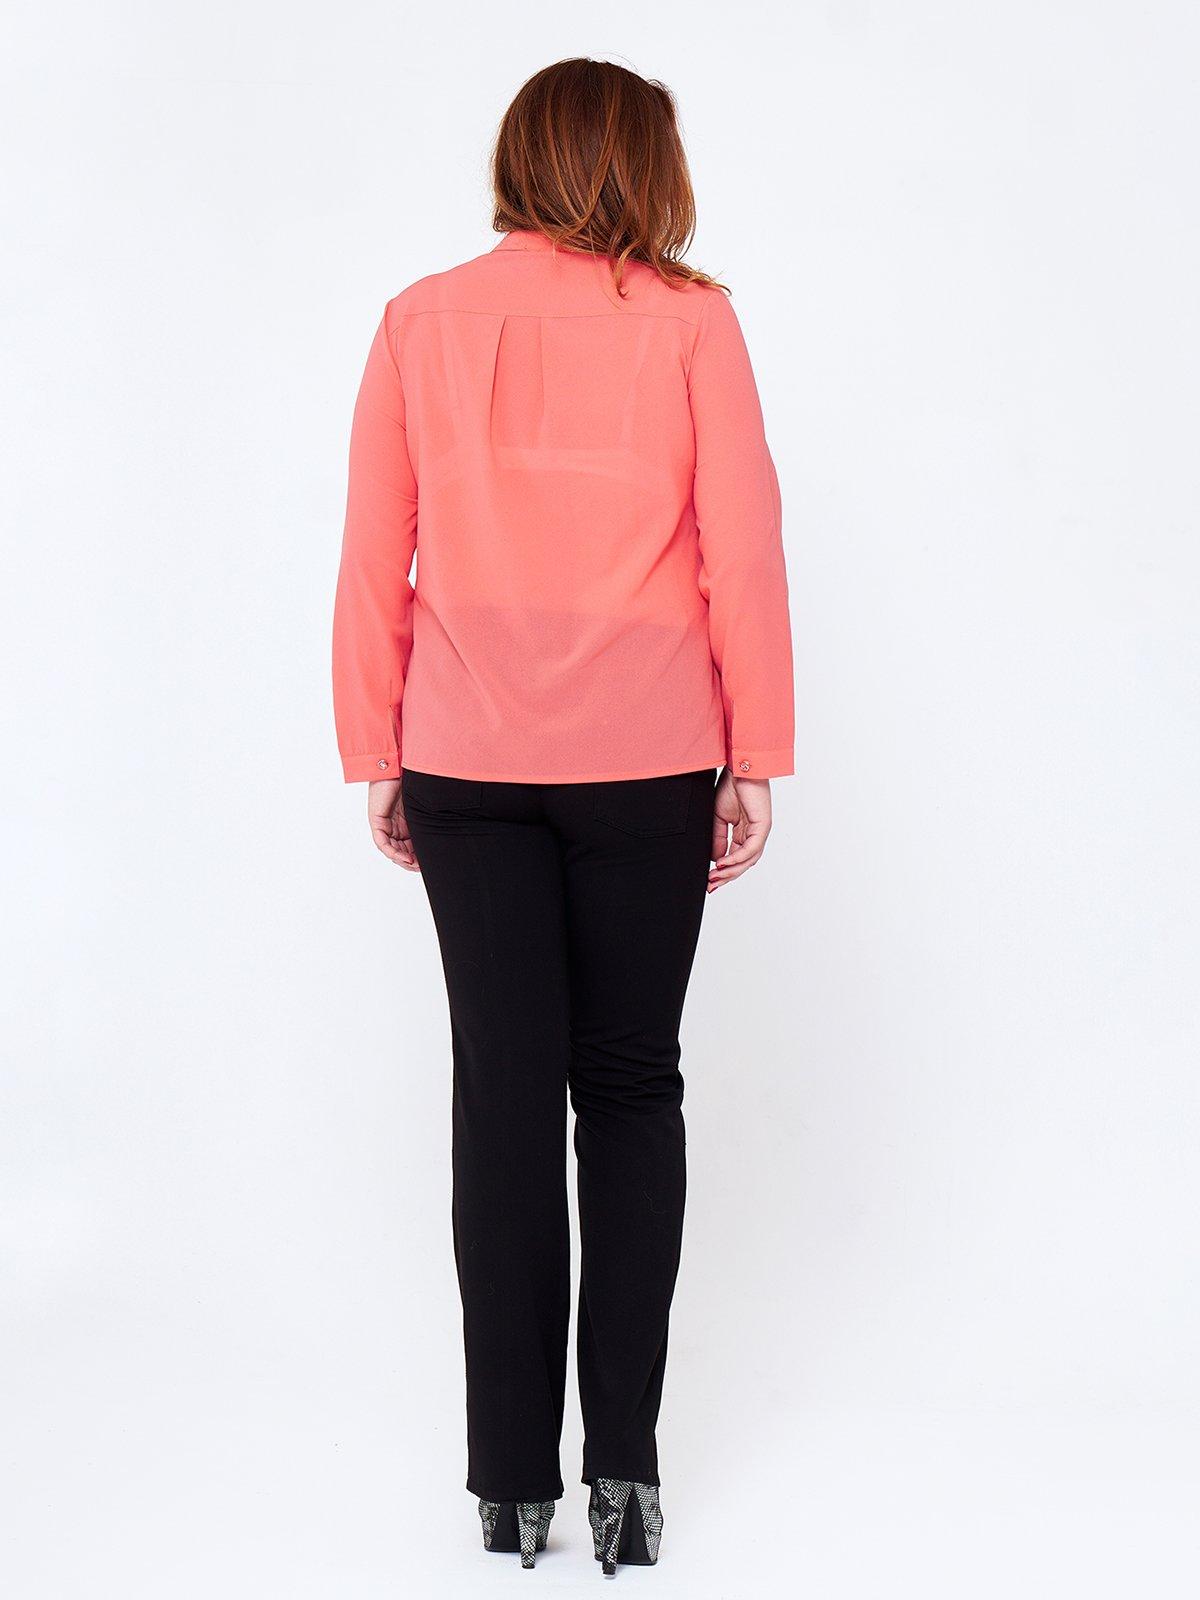 Рубашка коралловая | 2714677 | фото 2